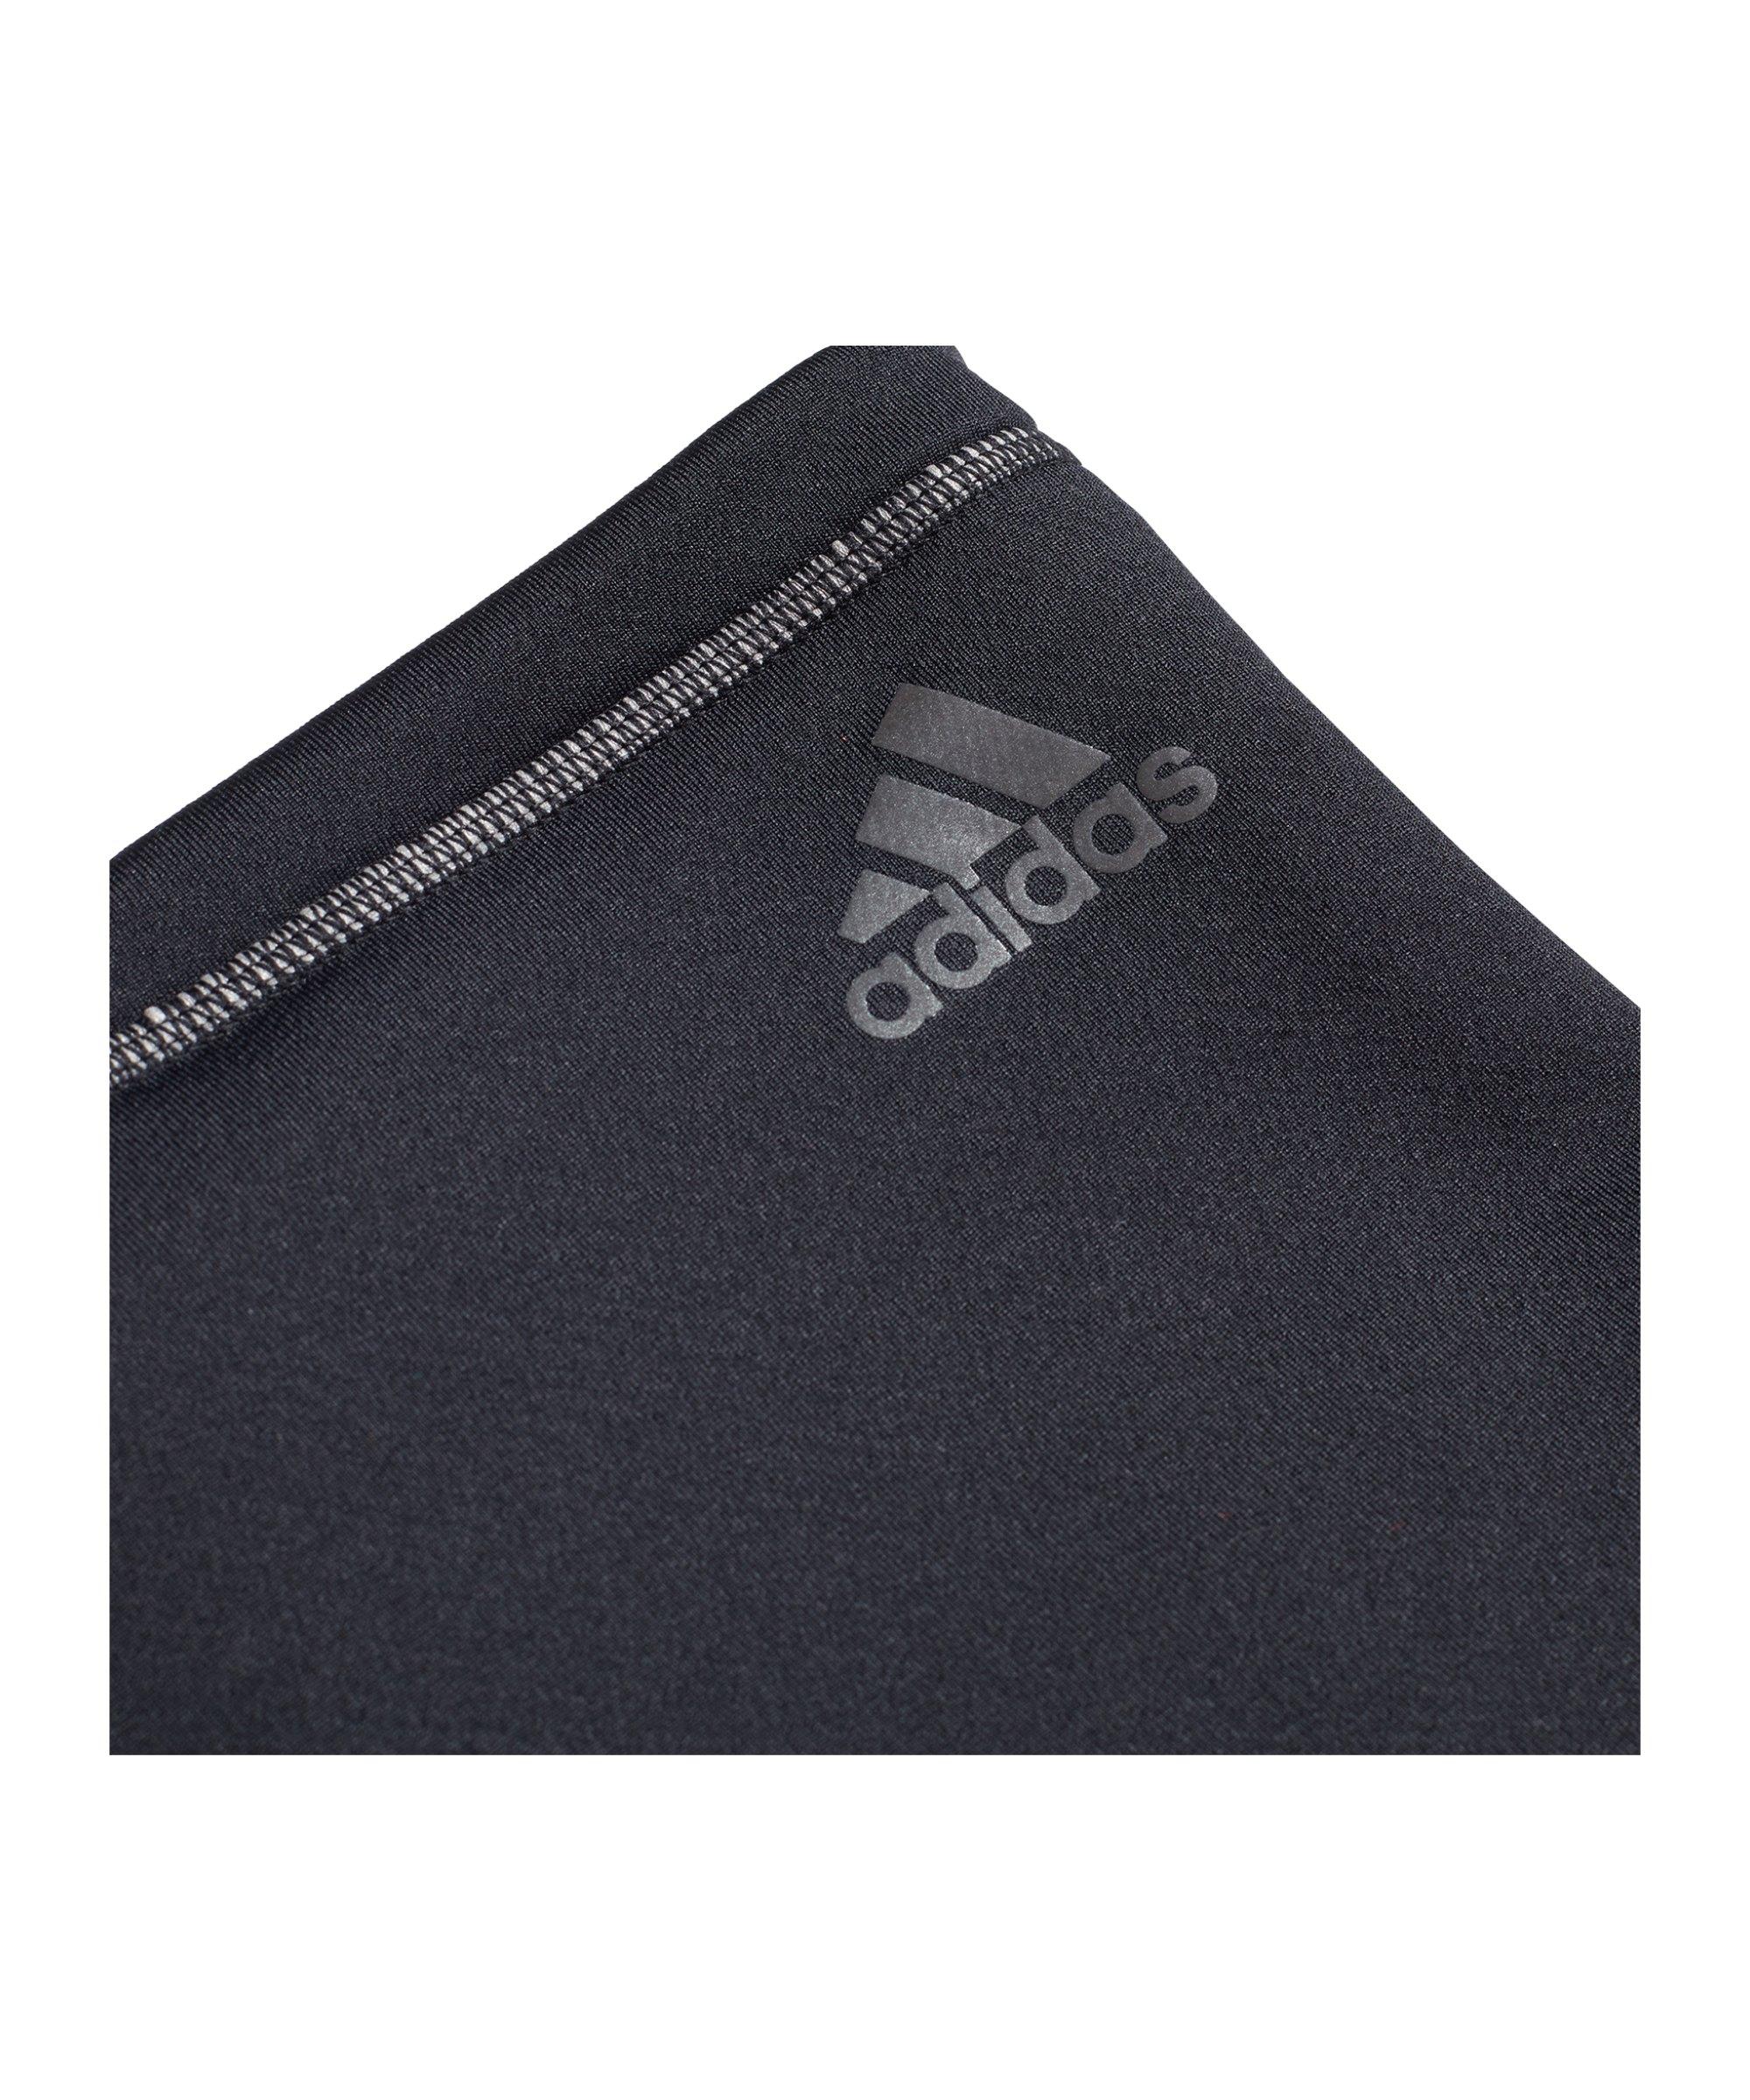 adidas COLD.RDY Neckwarmer Schwarz - schwarz